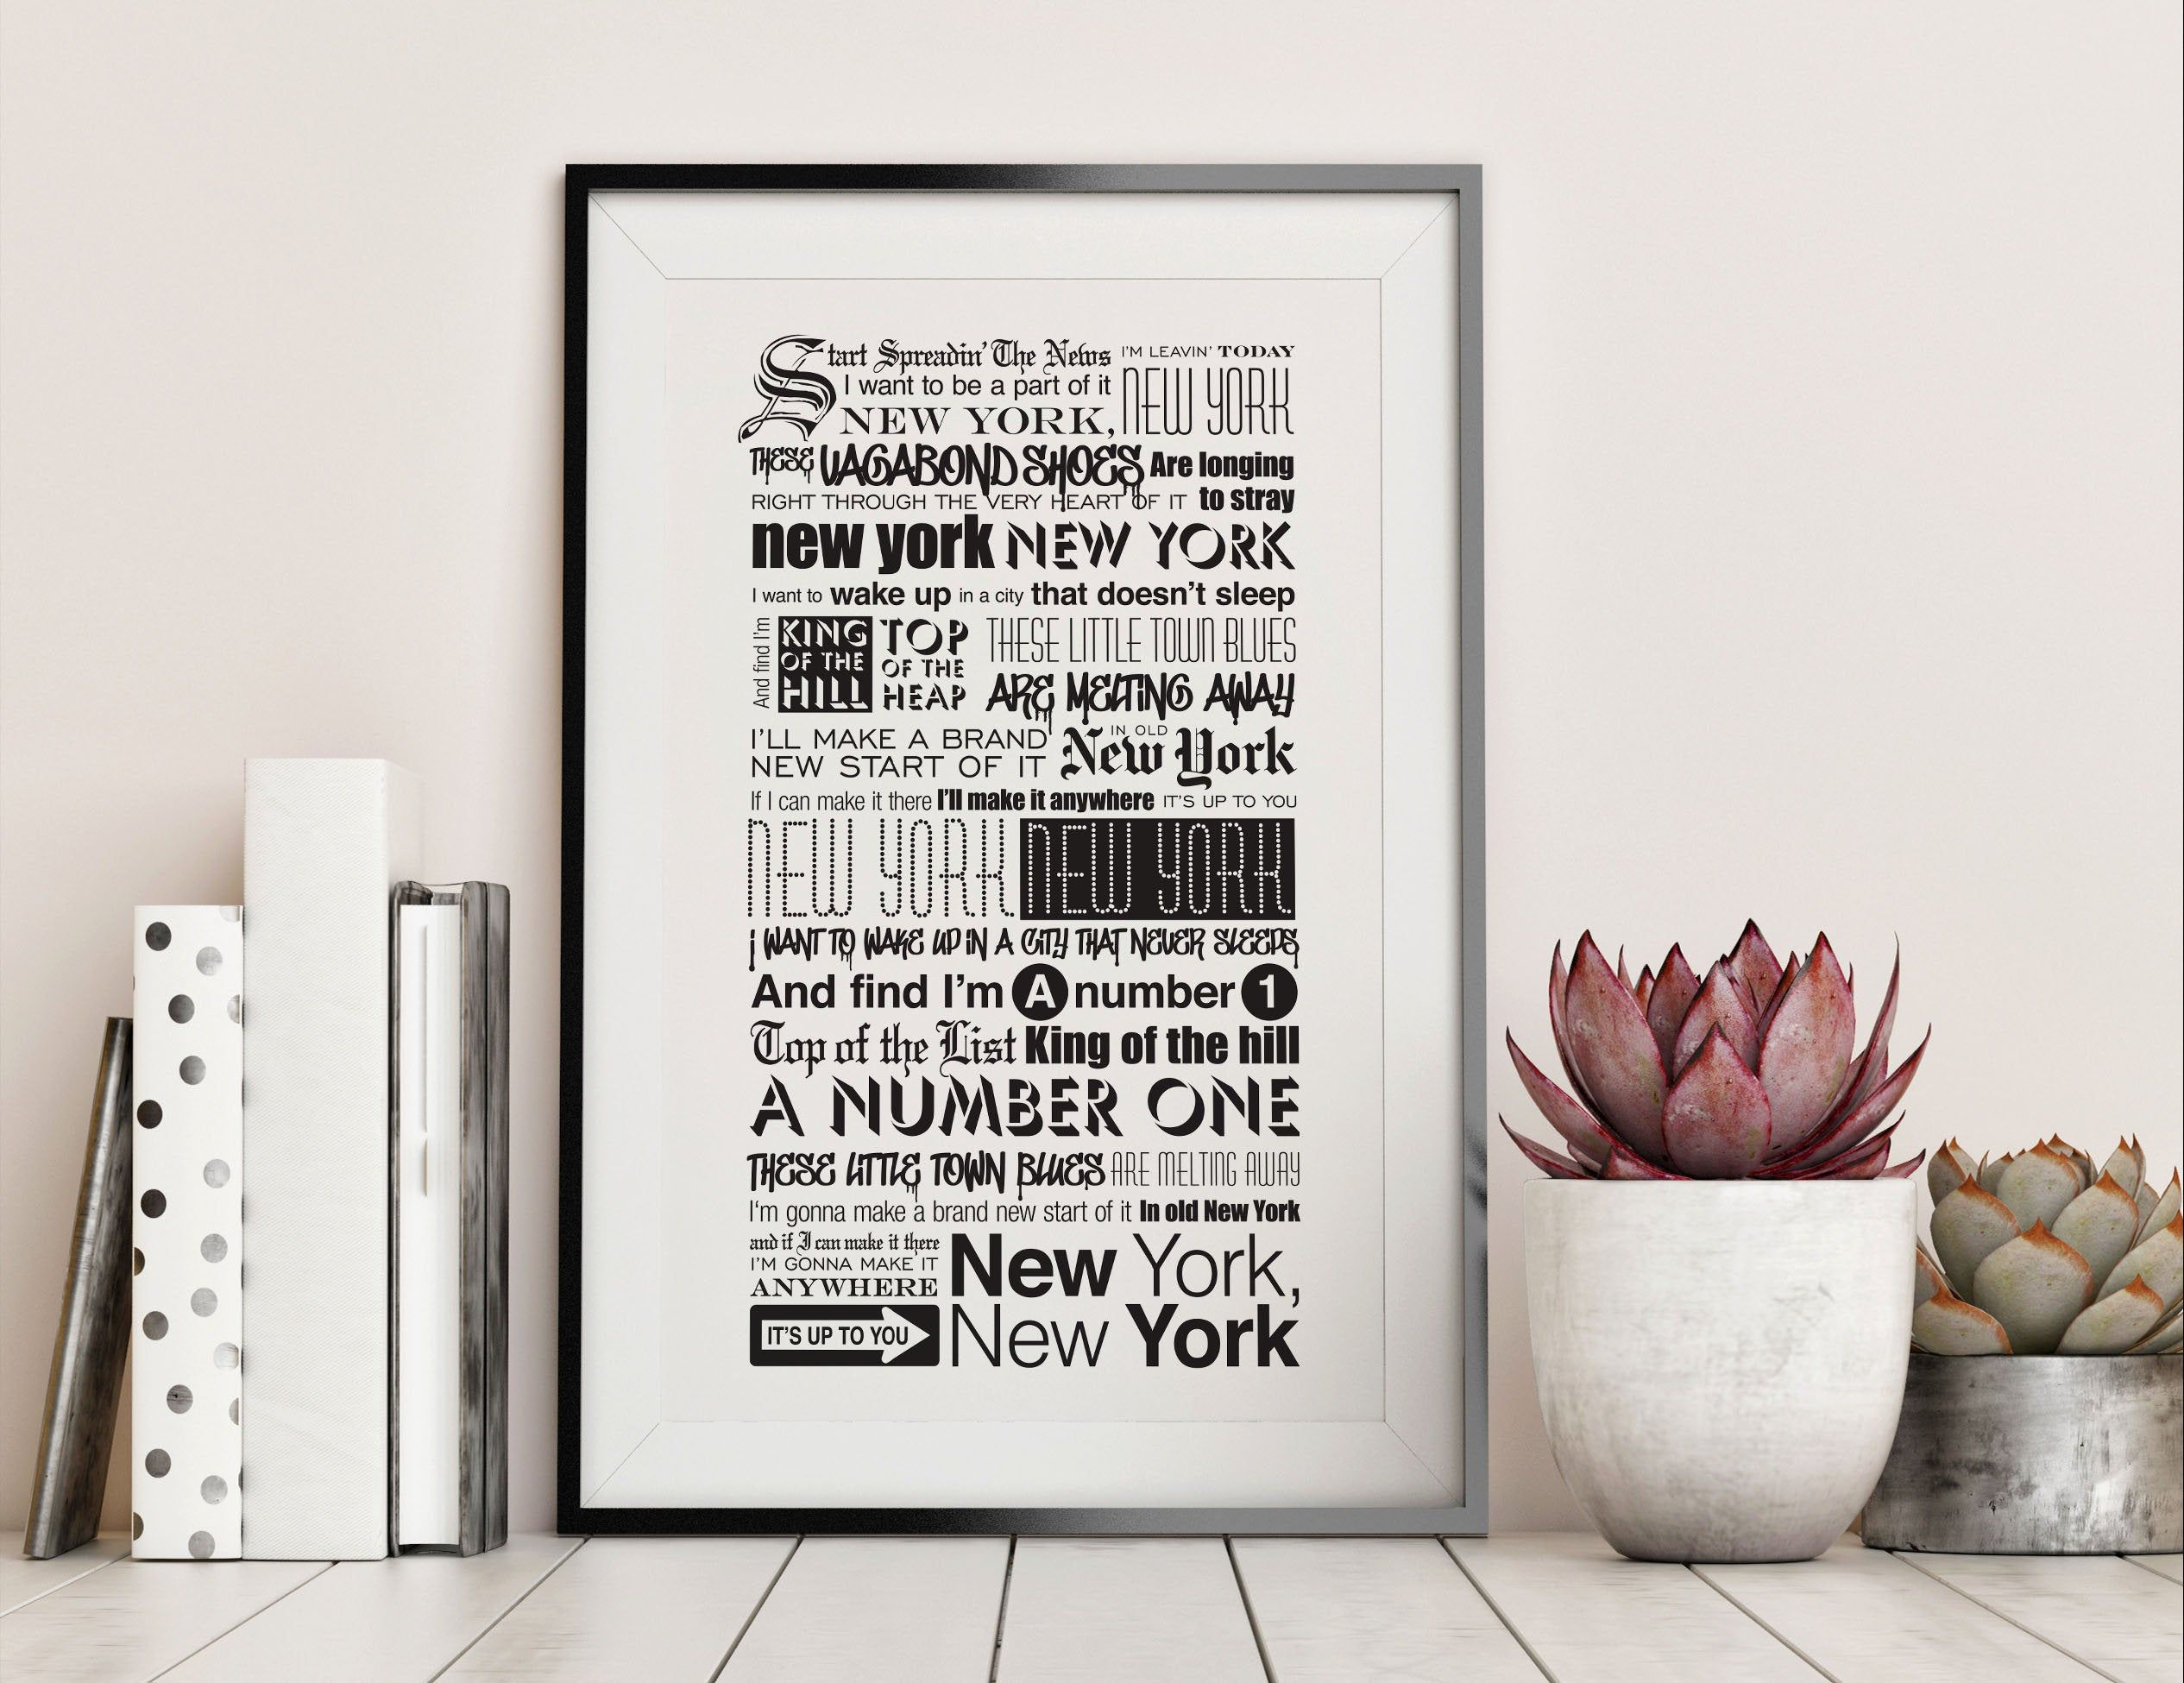 new york new yorkfrank sinatra lyrics typography